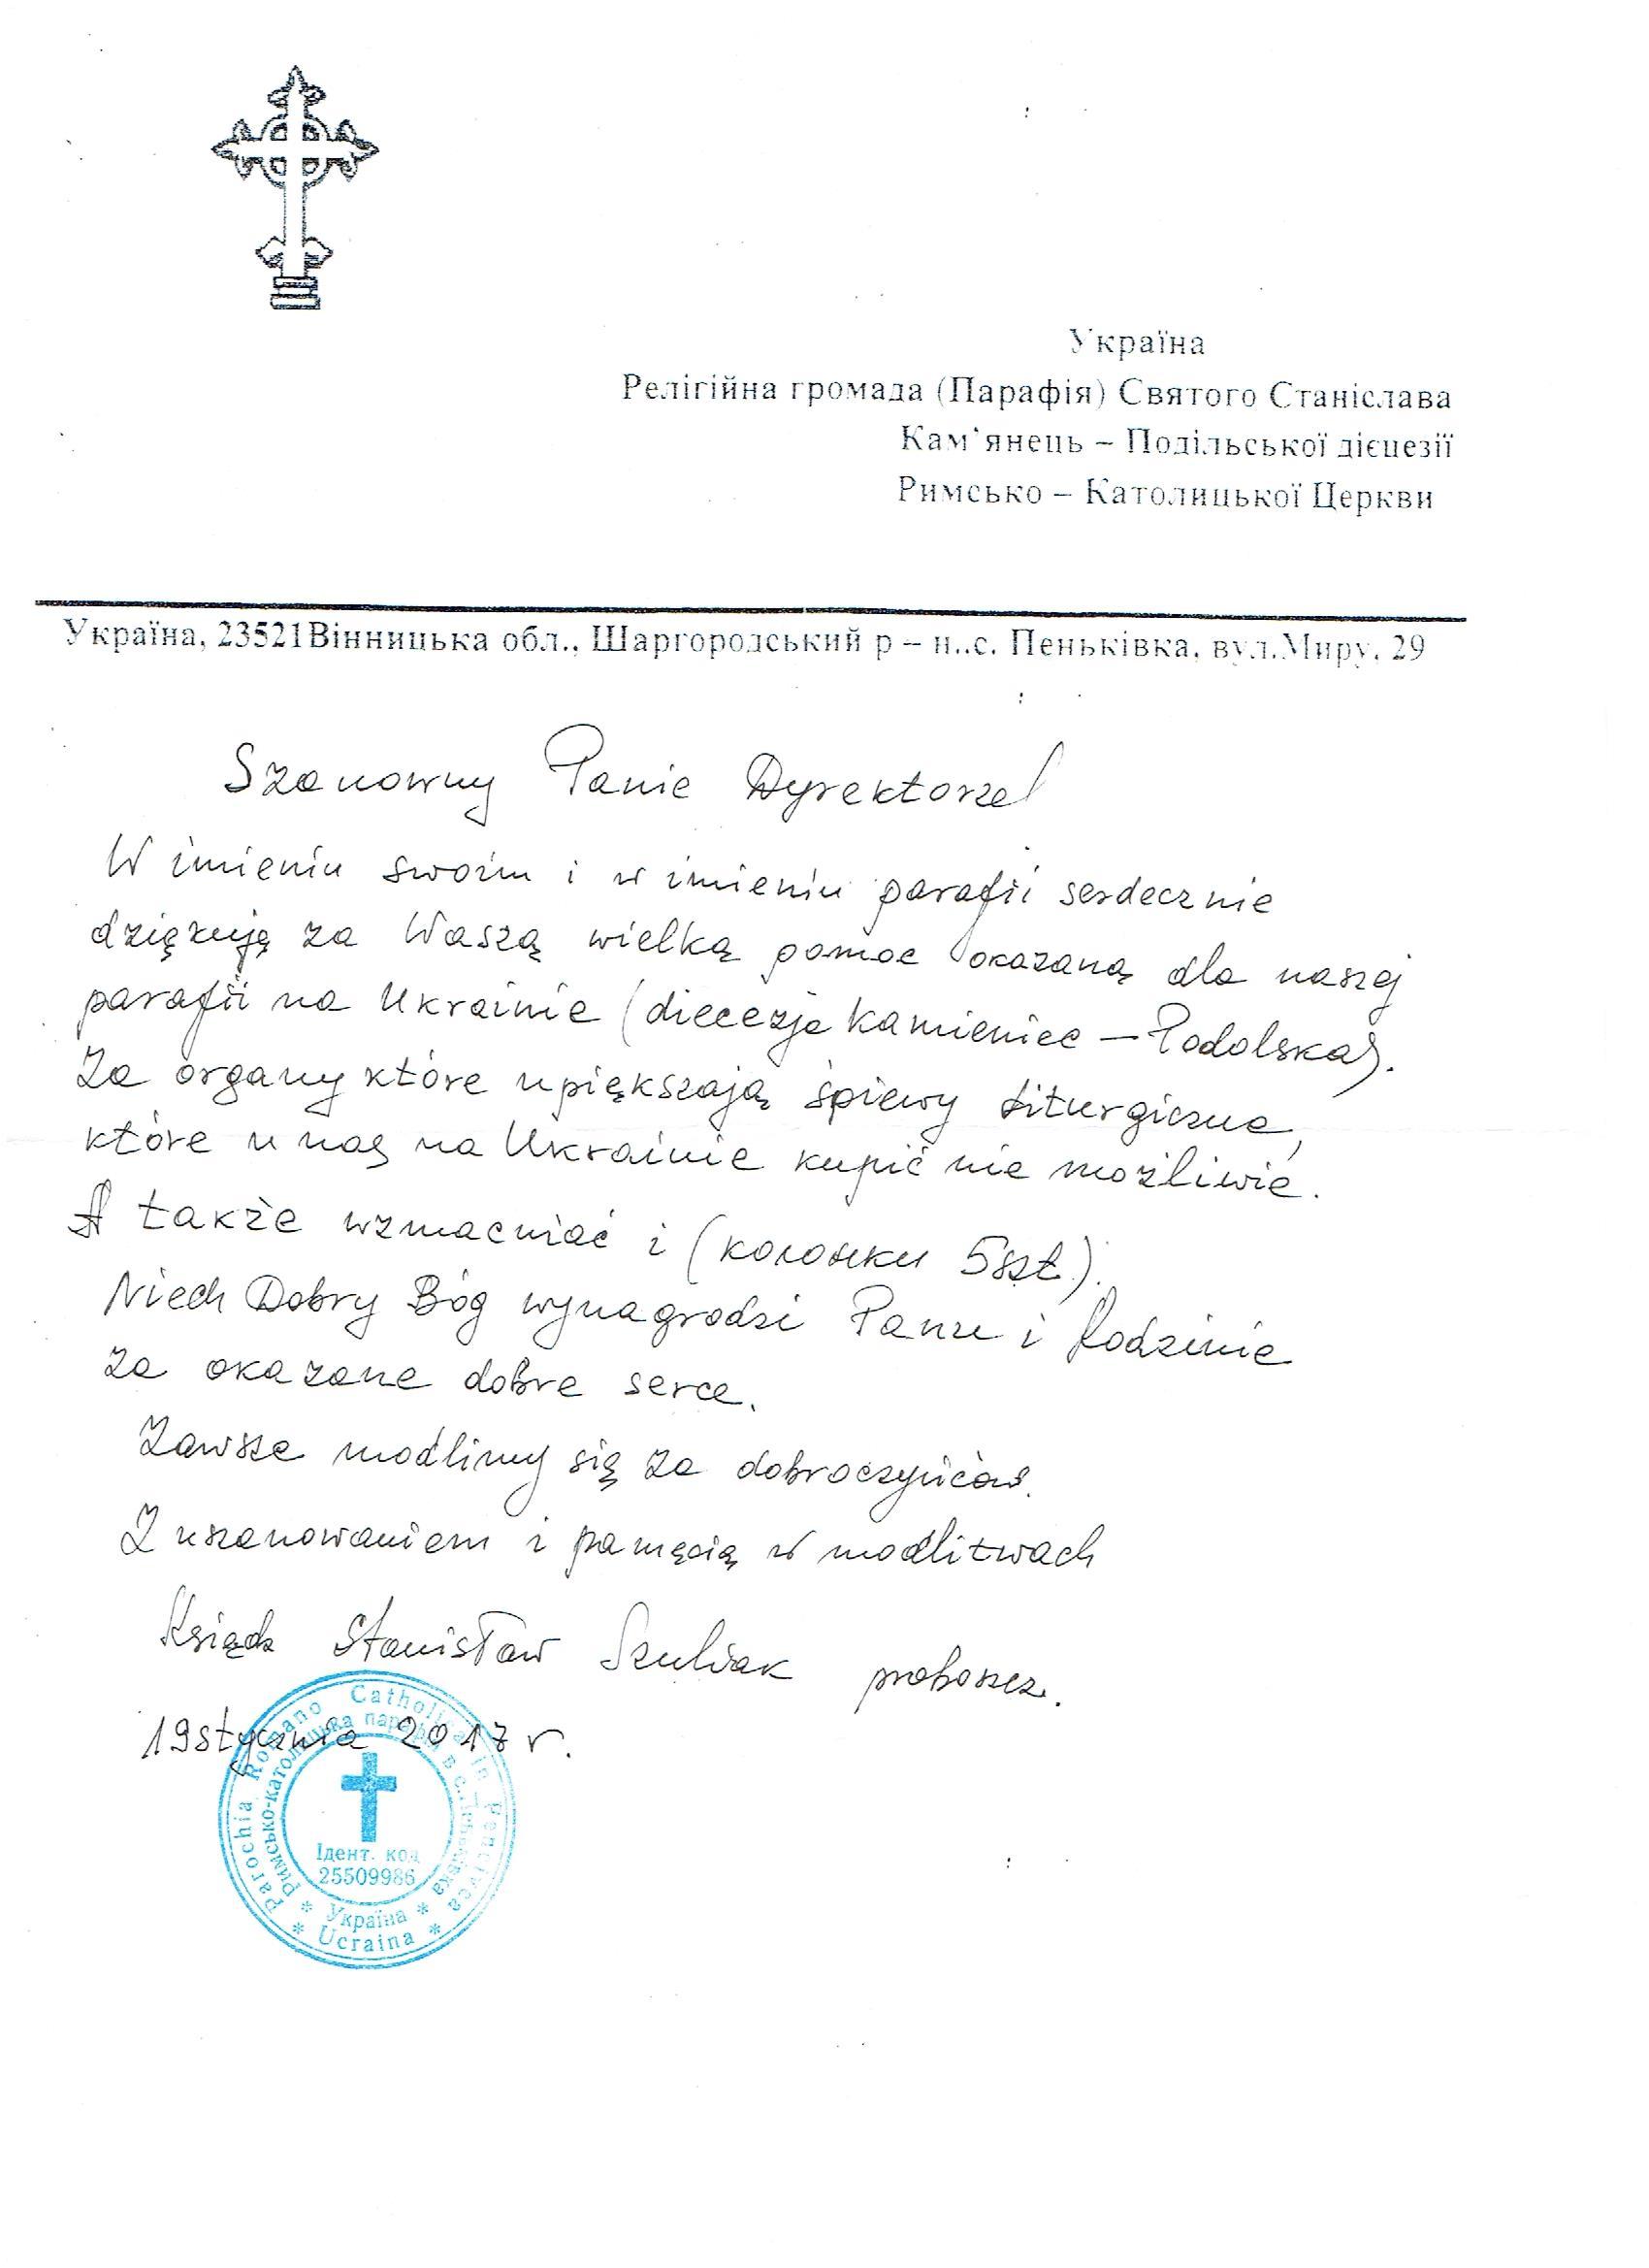 Podziękowanie z Ukrainy